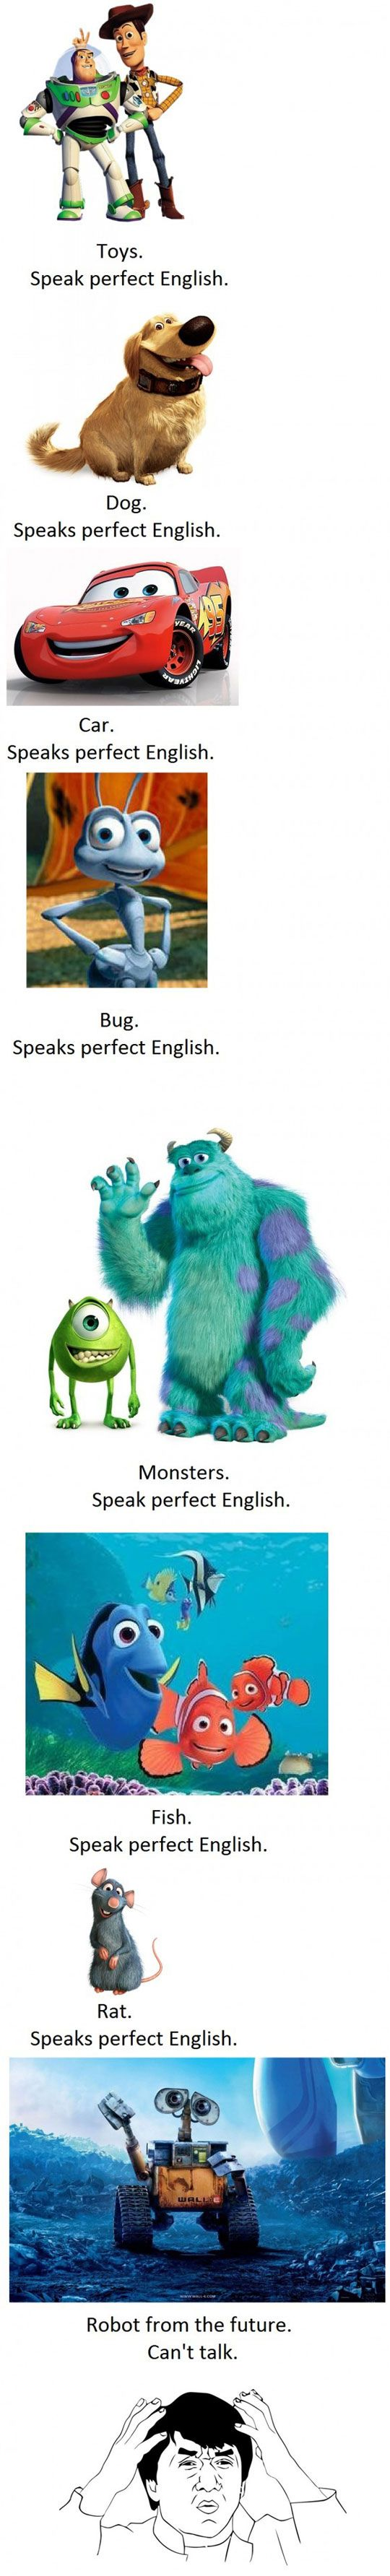 Disney/Pixar LogicRobots, Laugh, Disney Pixar Logic, Funny Pictures, Movie Character, Disneypixar Logic, Disney Logic, Pixar Movie, Disney Movie